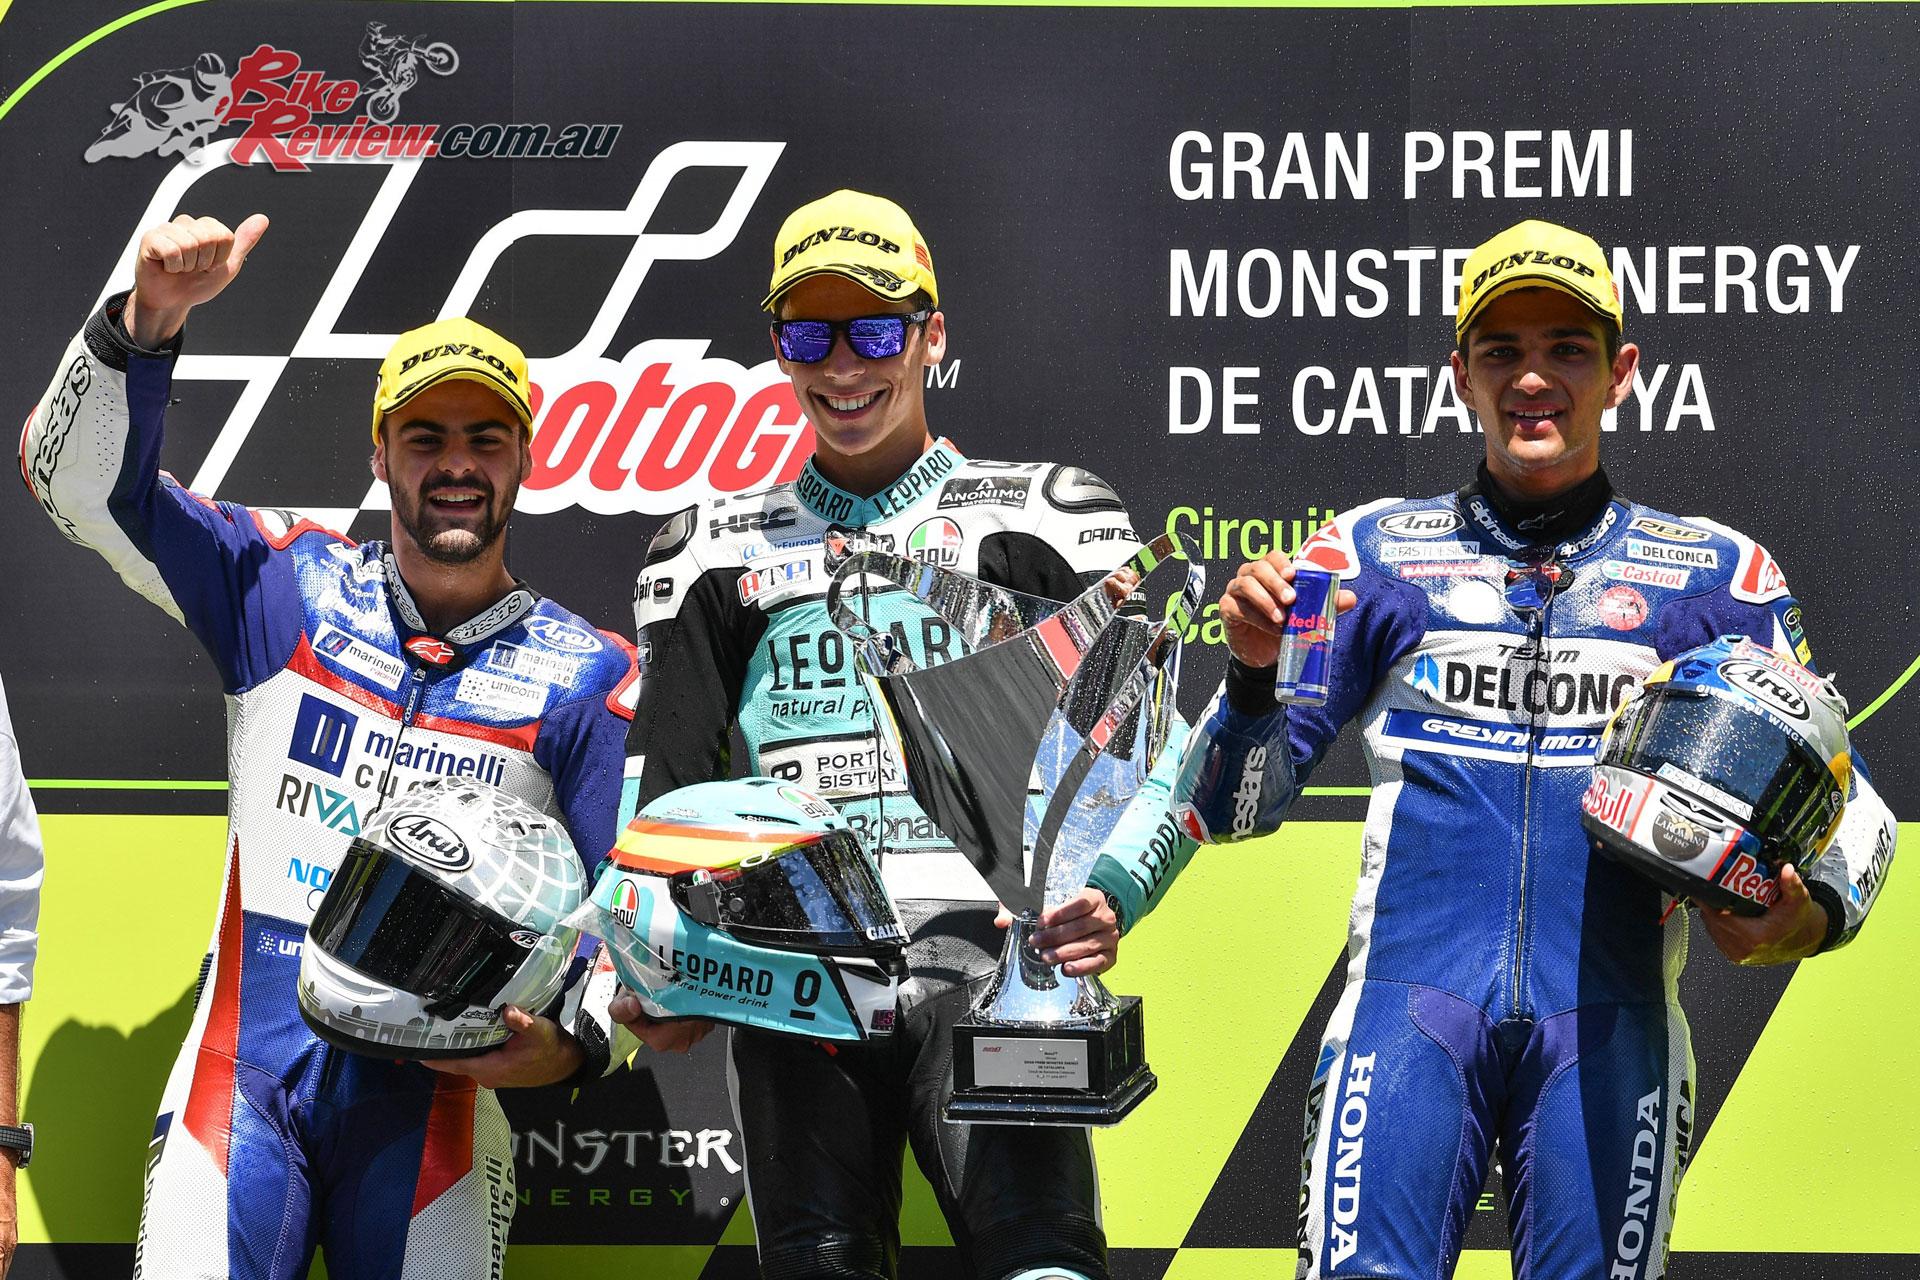 Moto3 Podium - Catalunya